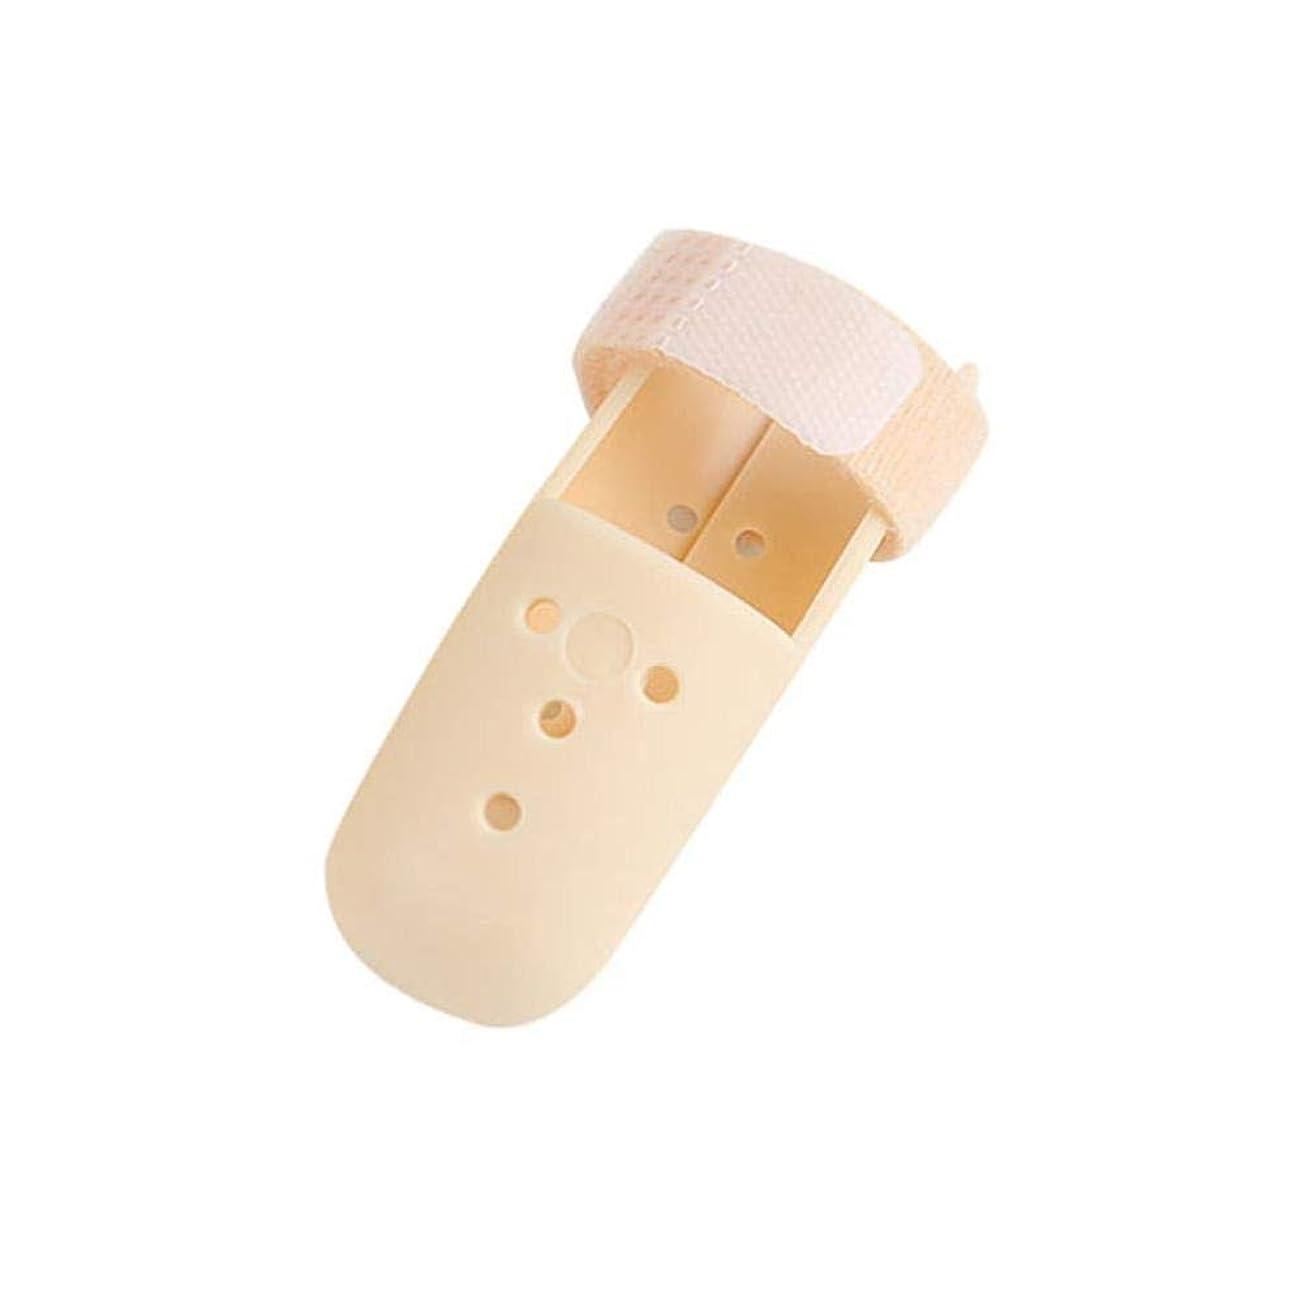 消毒する歯痛投票トリガー指スプリント、指装具指板関節炎痛みトレーニングリハビリ機器修理左手右手,4